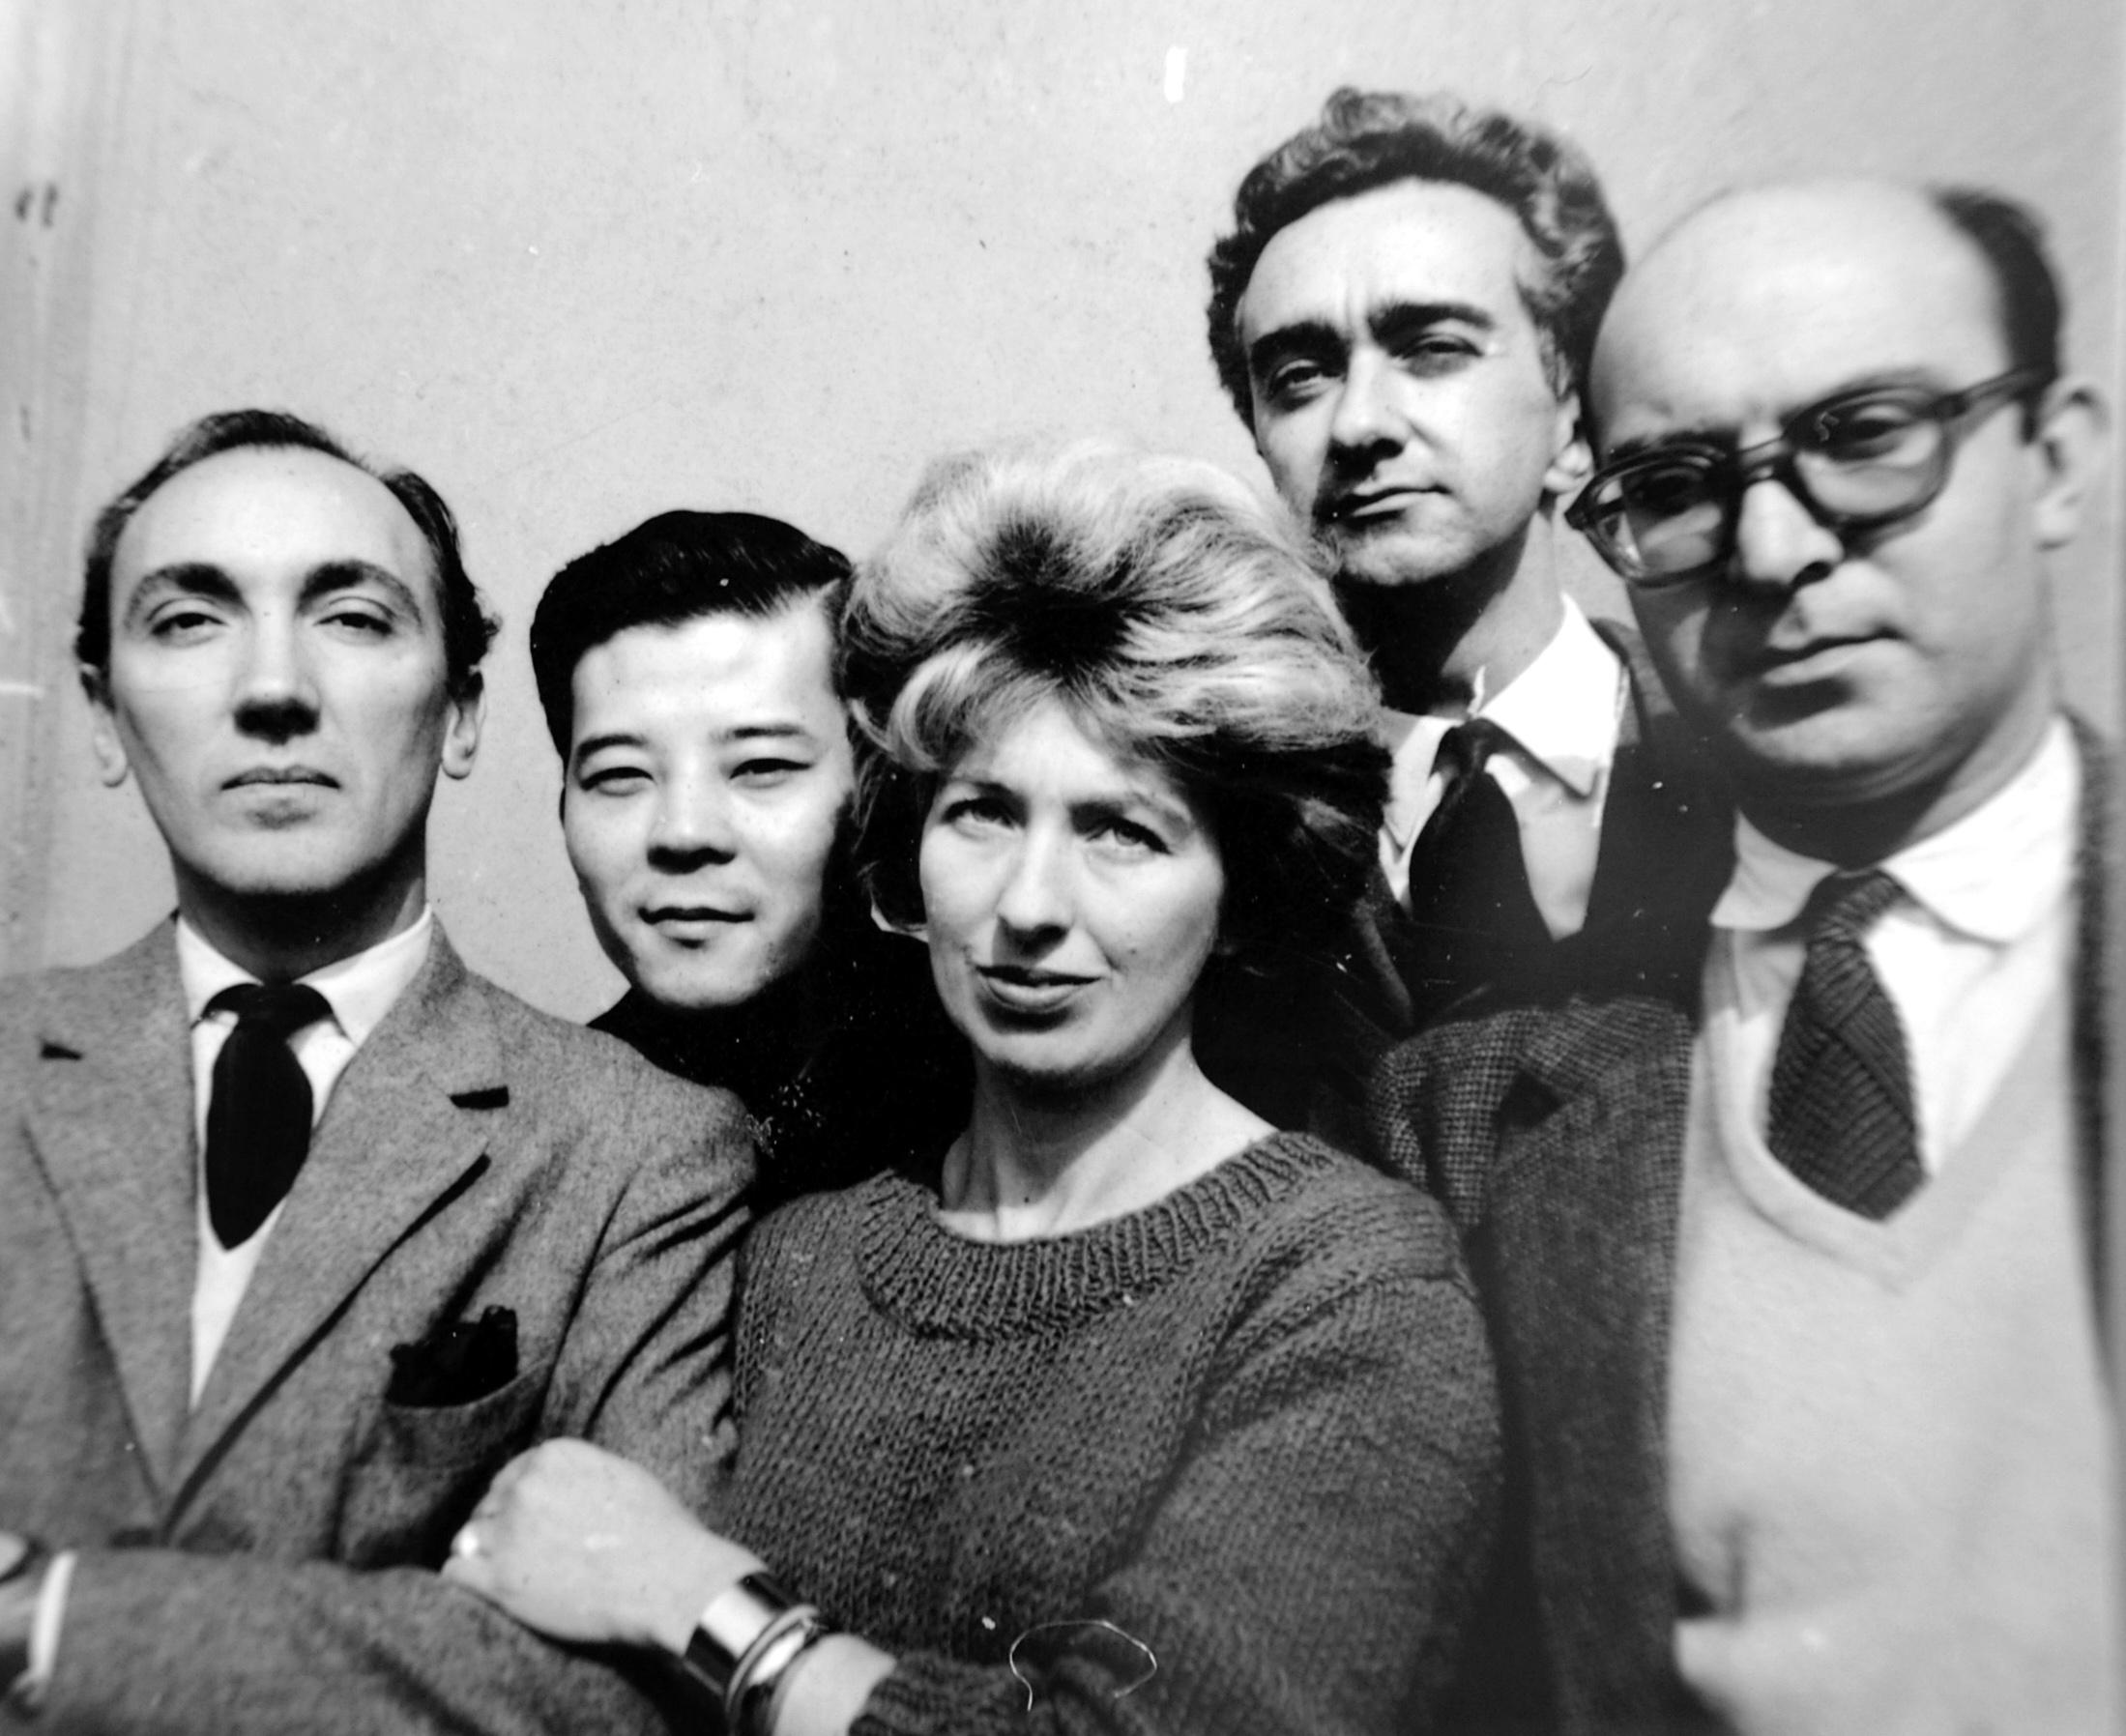 The 'Grupo de los cinco'. From left to right: José Antonio Fernández-Muro, Kazuya Sakai, Sarah Grilo, Miguel Ocampo and Clorindo Testa. Buenos Aires, 1960  Photo: © Diana Levillier